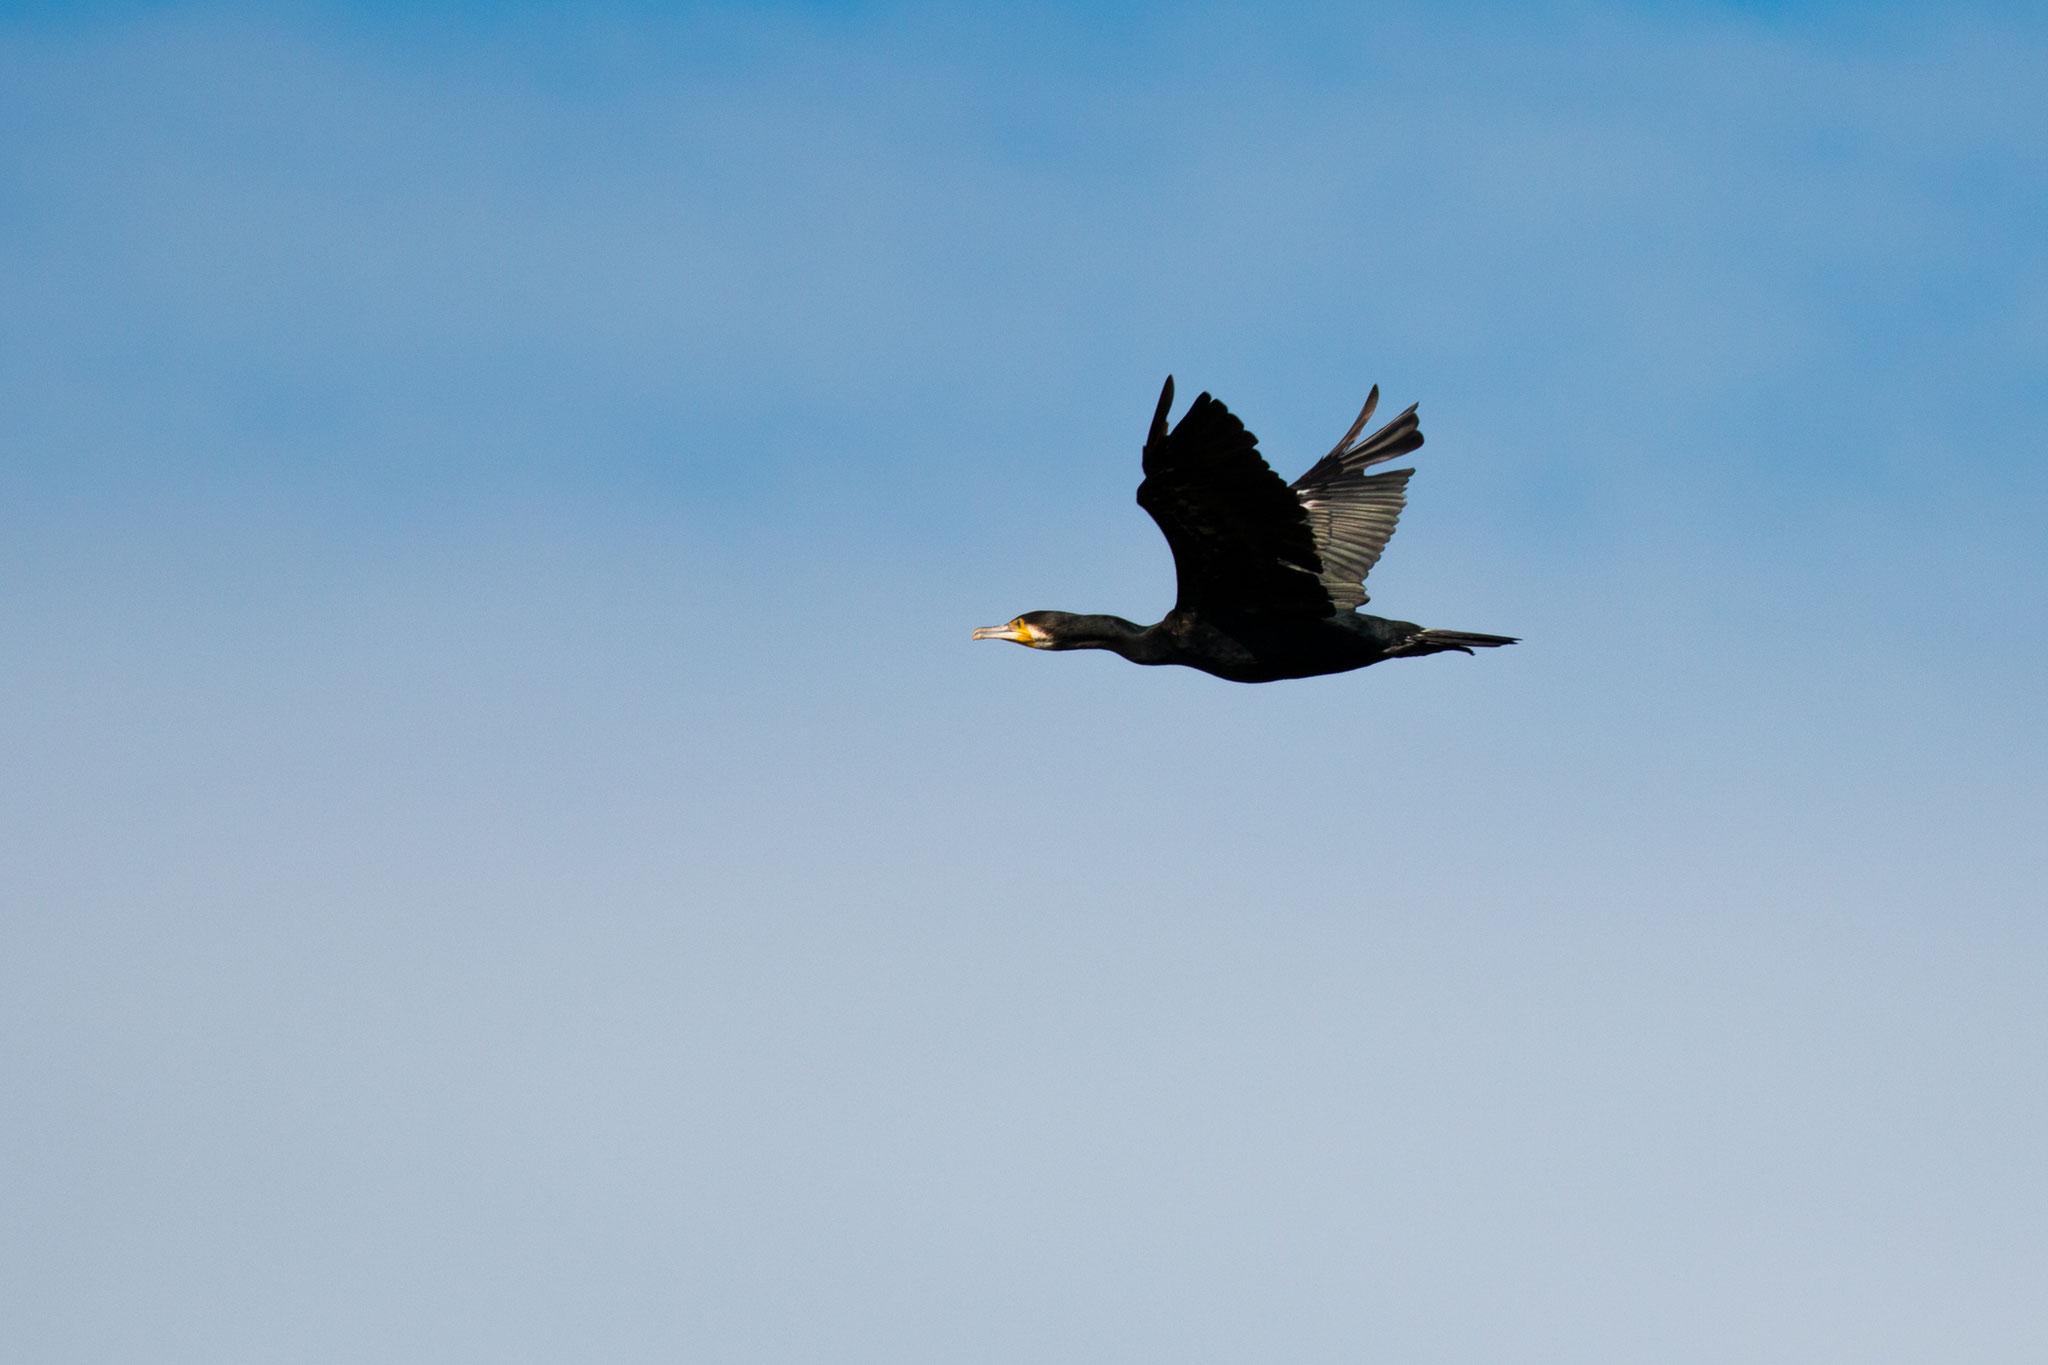 Fliegender Kormoran